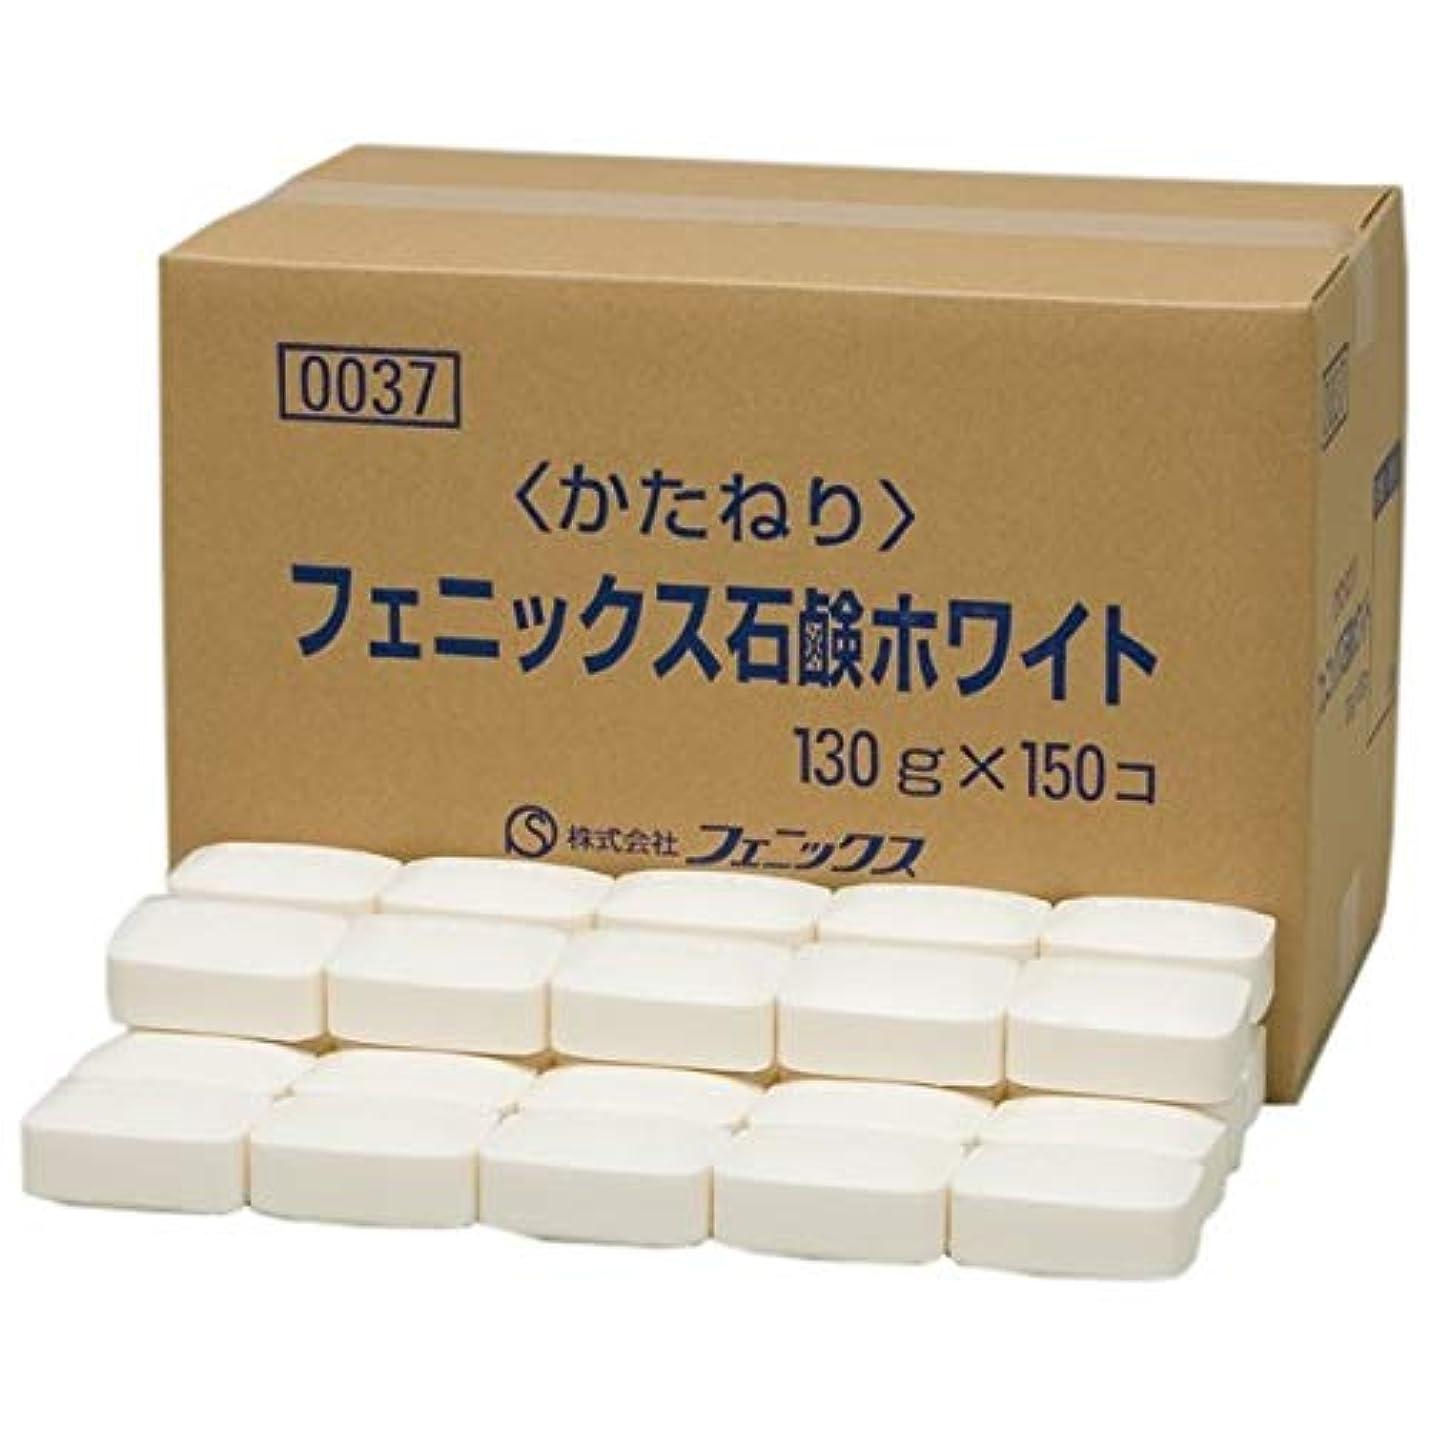 ラバ検索エンジンマーケティングエキサイティングフェニックスホワイト石鹸 130g×150個入